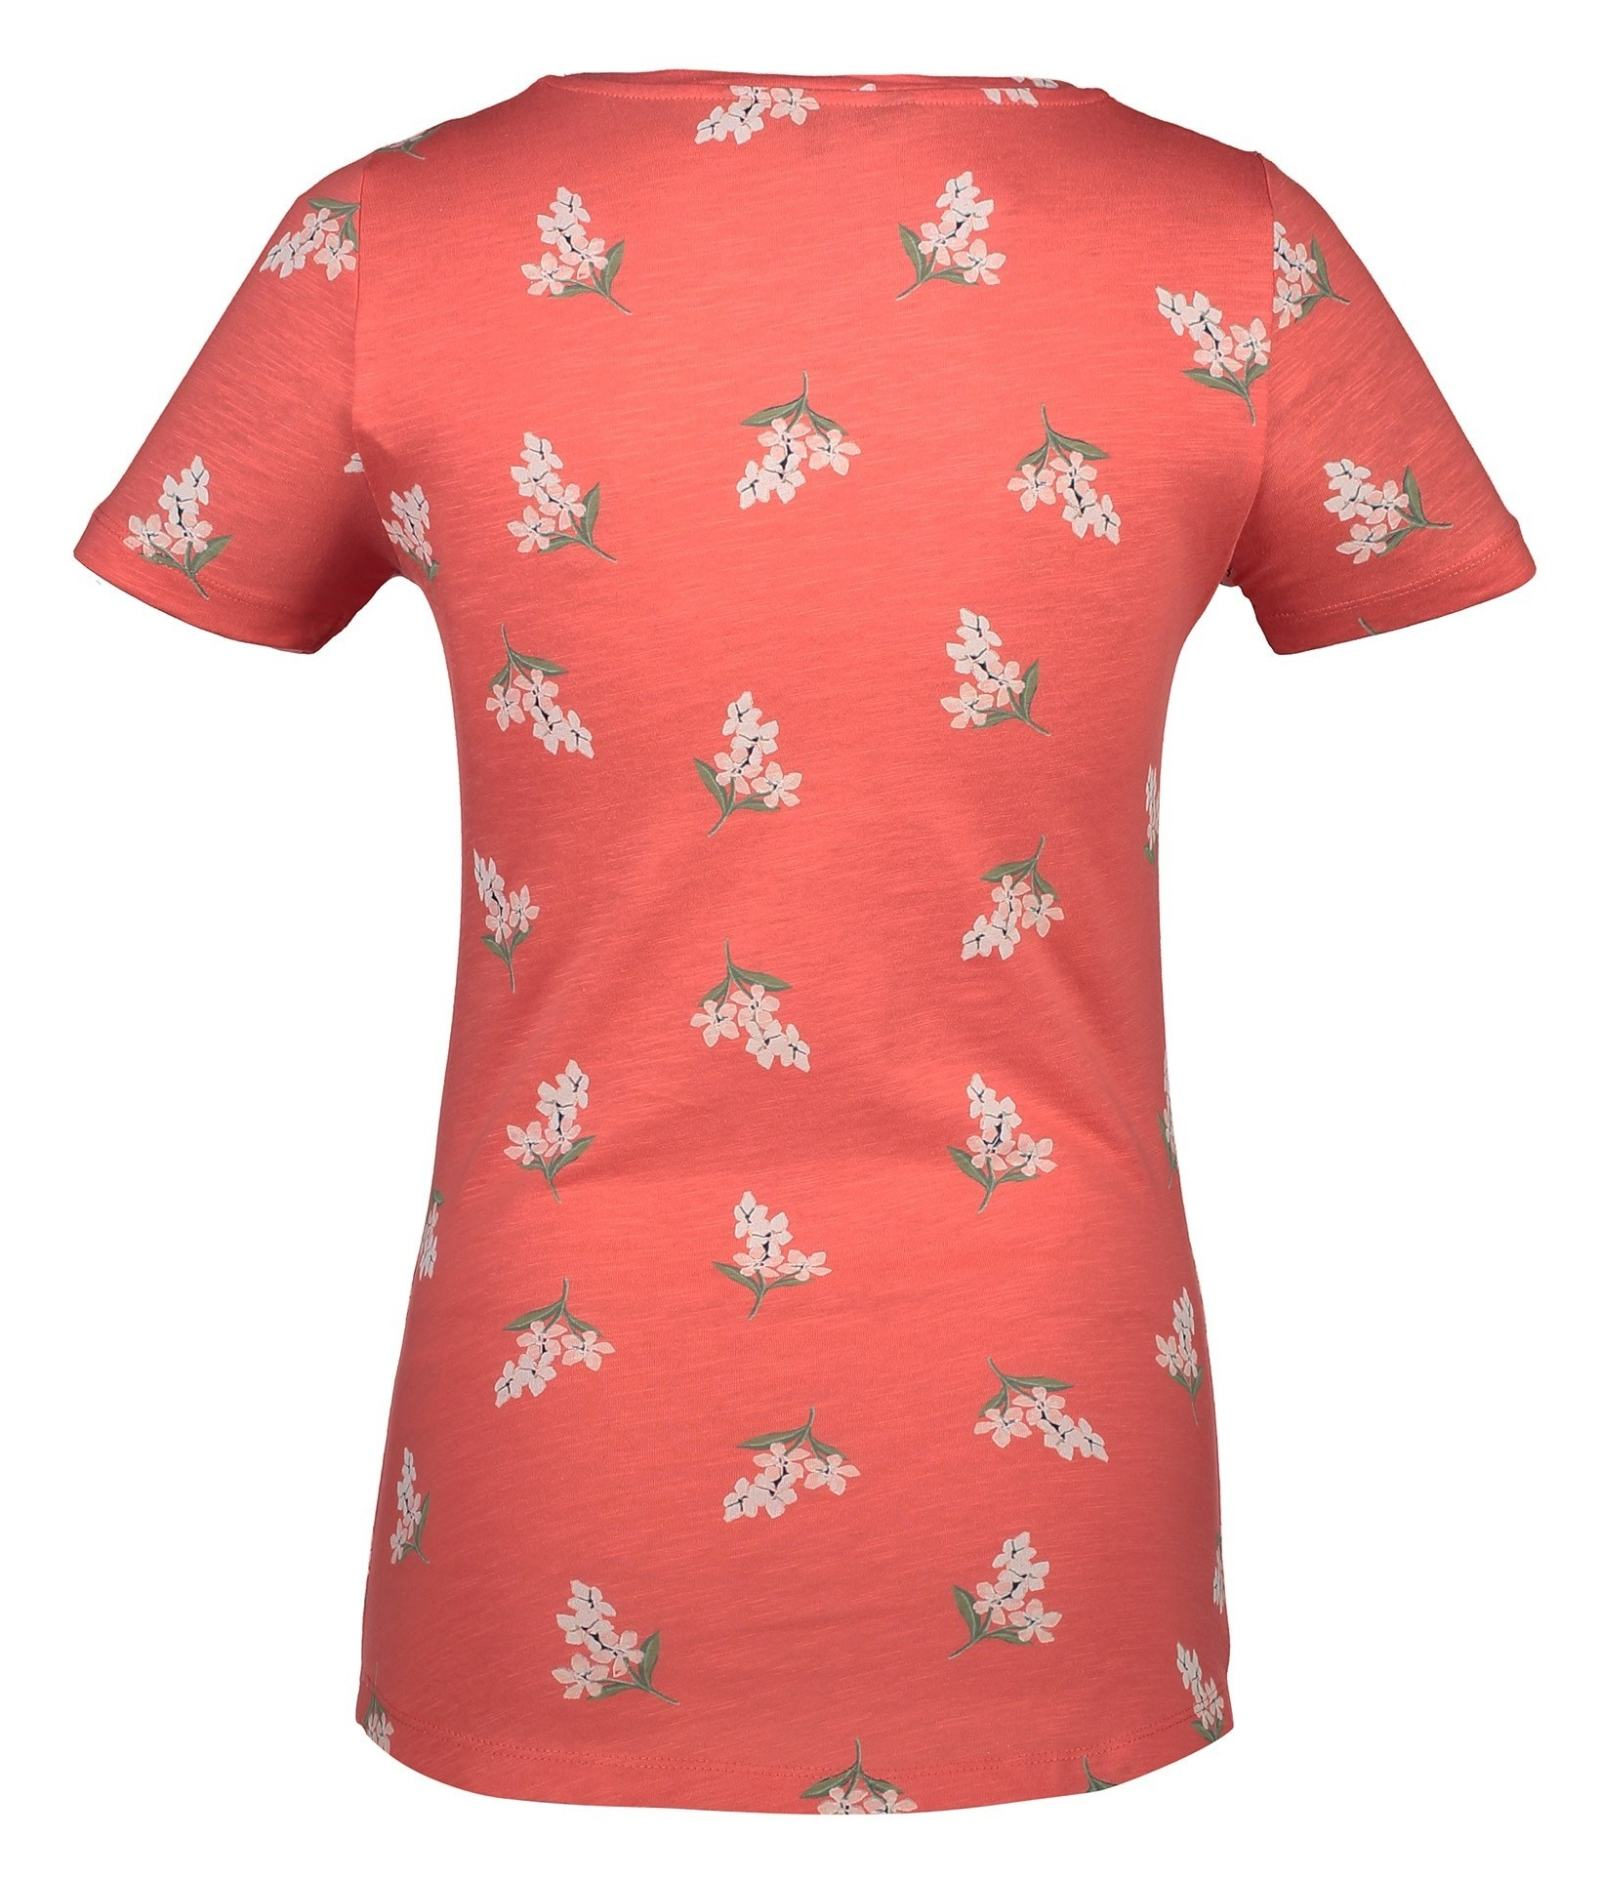 تی شرت نخی یقه گرد زنانه - کالکشن - نارنجي - 5